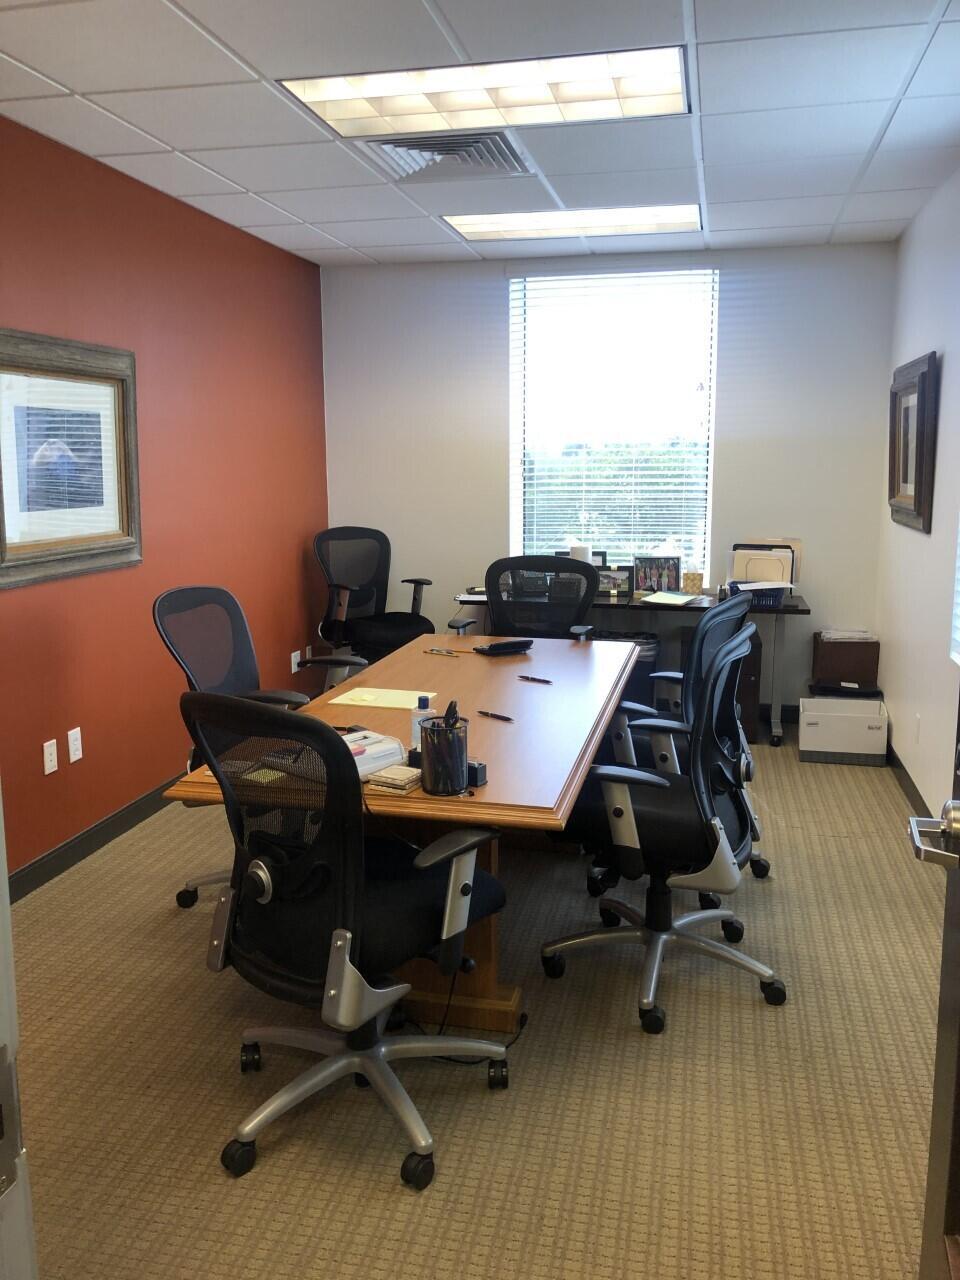 Office 302  13 - Copy - Copy